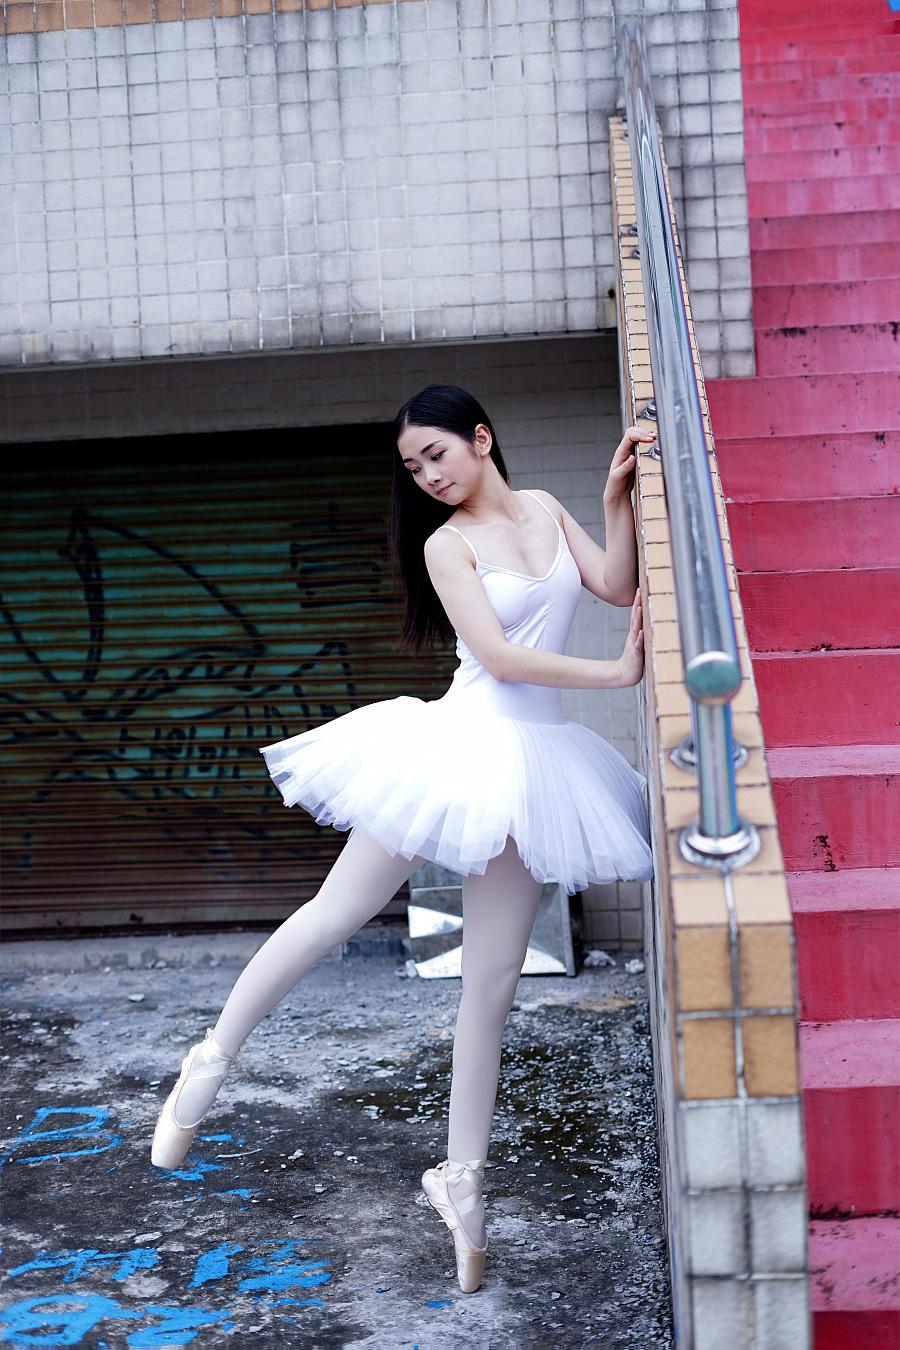 原创作品:芭蕾舞女孩